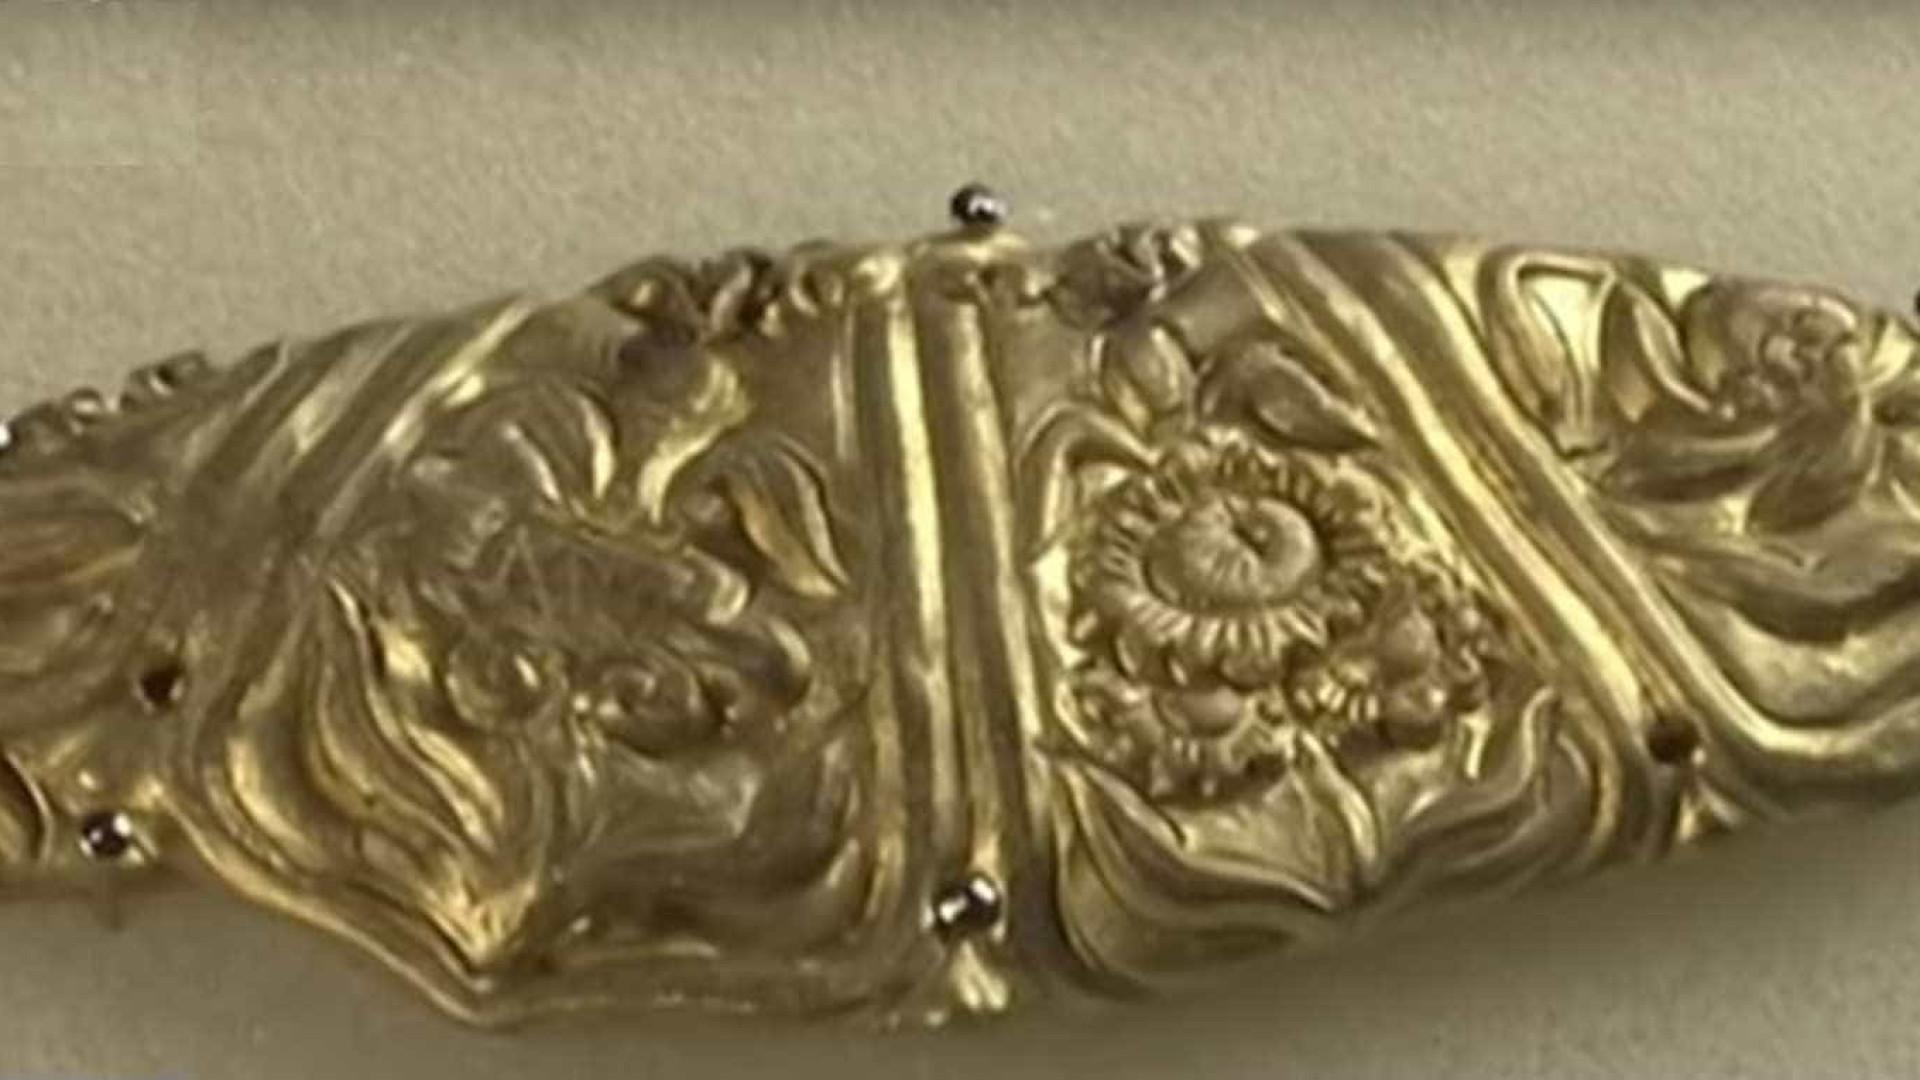 9215e3c152 Tesouro mitológico e milenar encontrado em rio na China